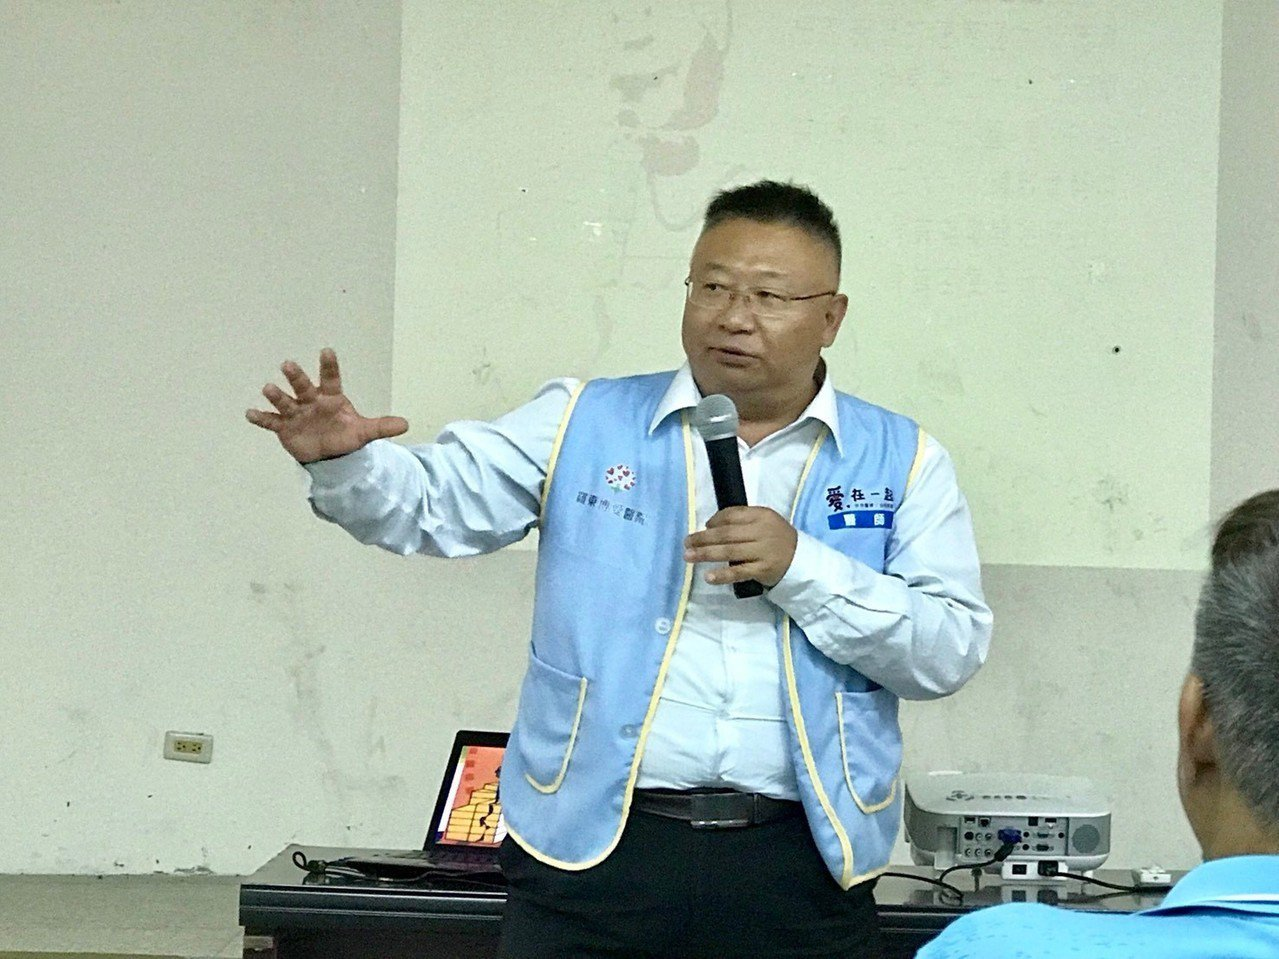 羅東博愛醫院骨科部脊椎外科主任陳劍龍去年6月時,體重來到人生巔峰114.2公斤,...